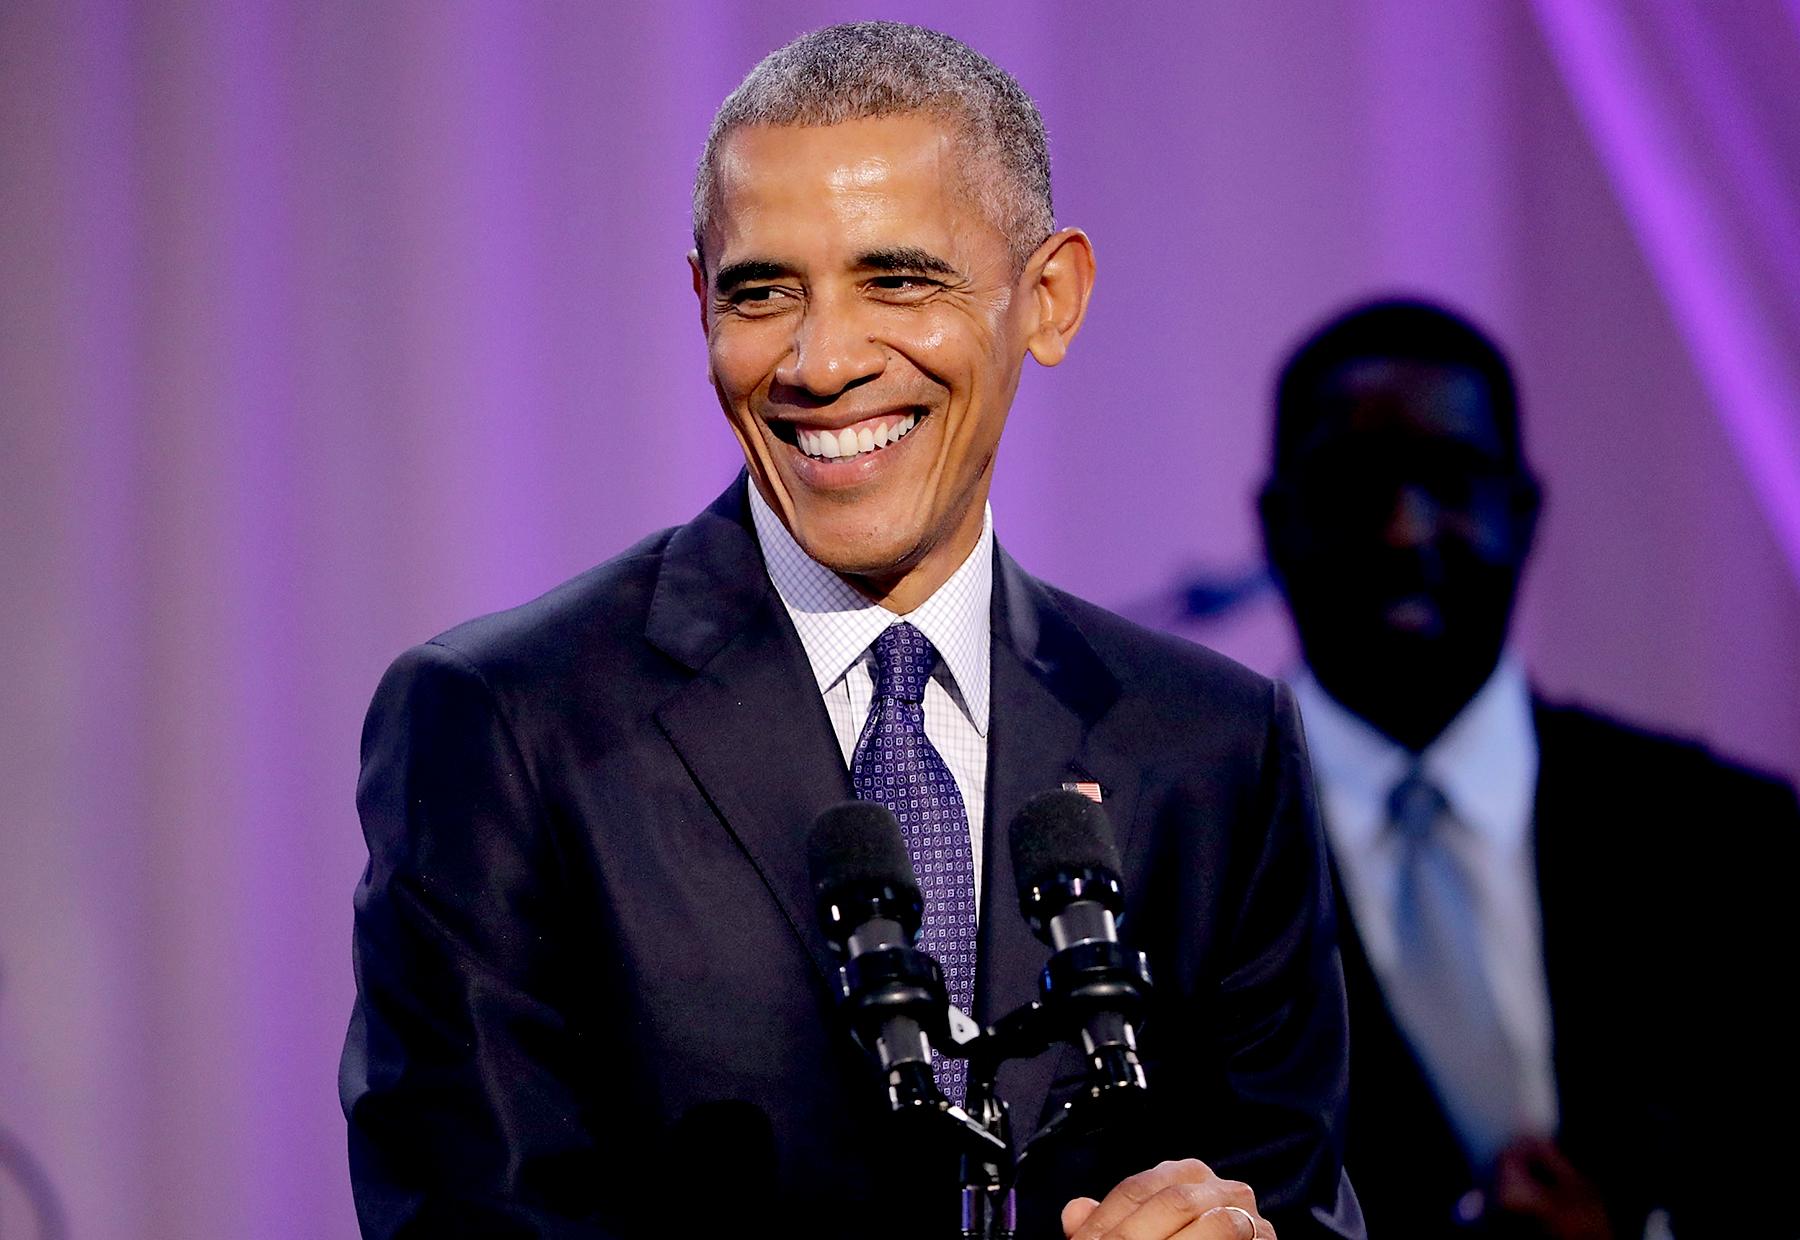 Barack Obama social media